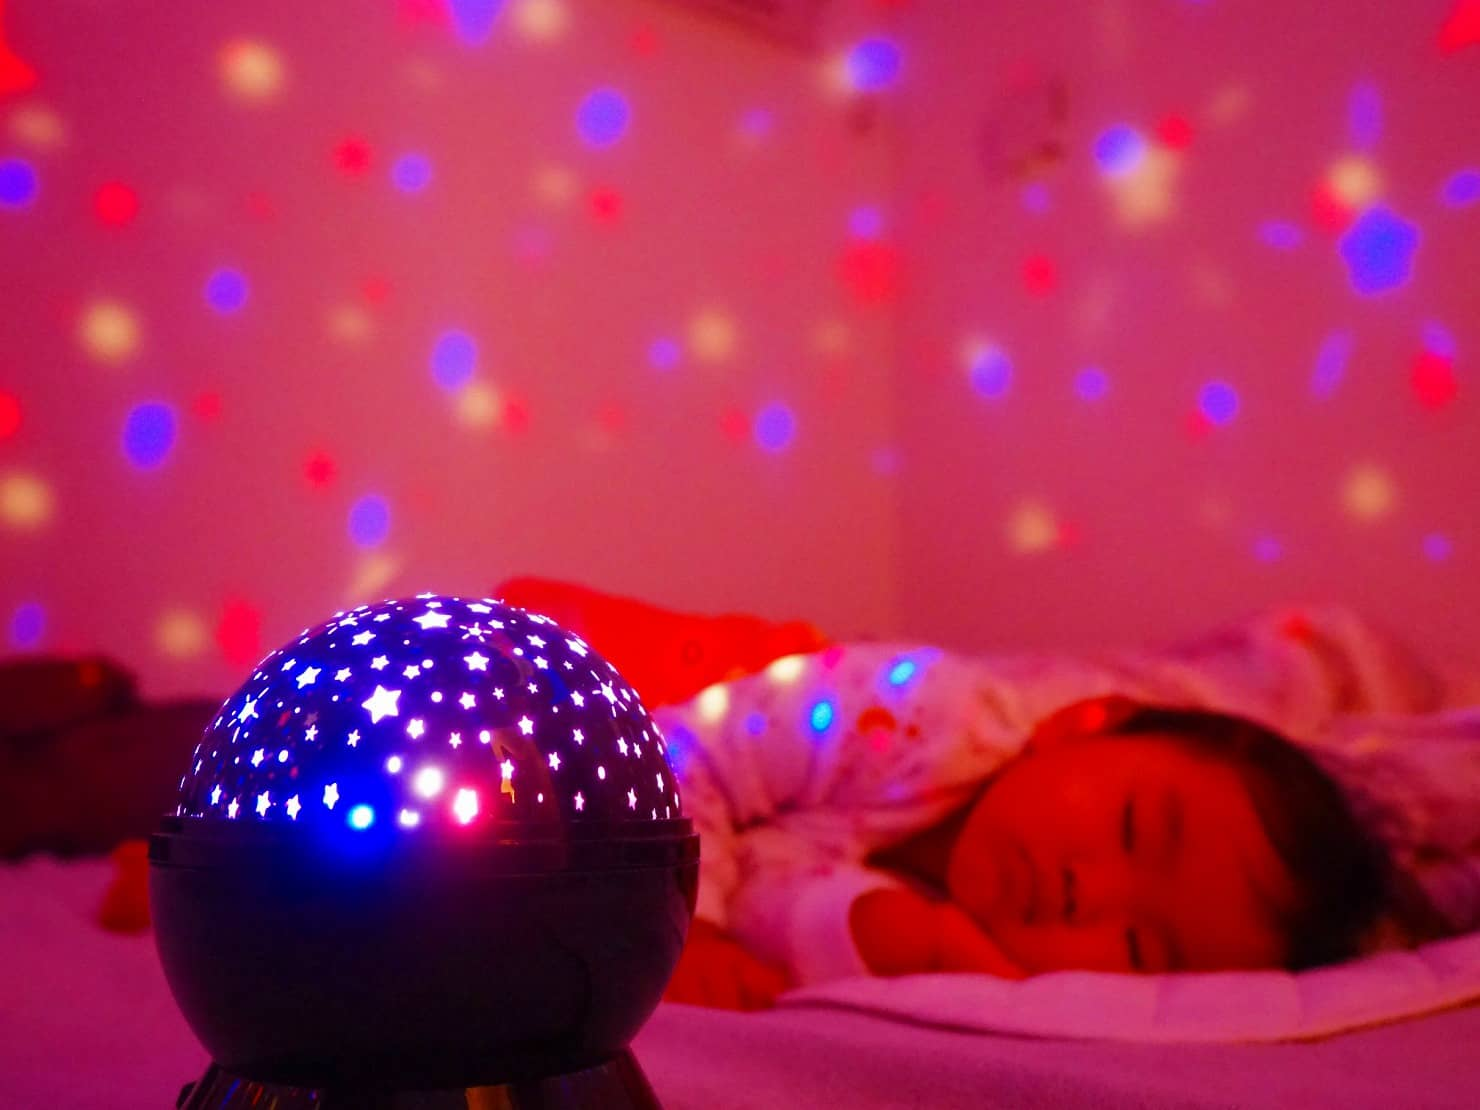 おやすみホームシアターは赤ちゃん、子供の寝かしつけに効果抜群! おすすめの種類や使い方を紹介